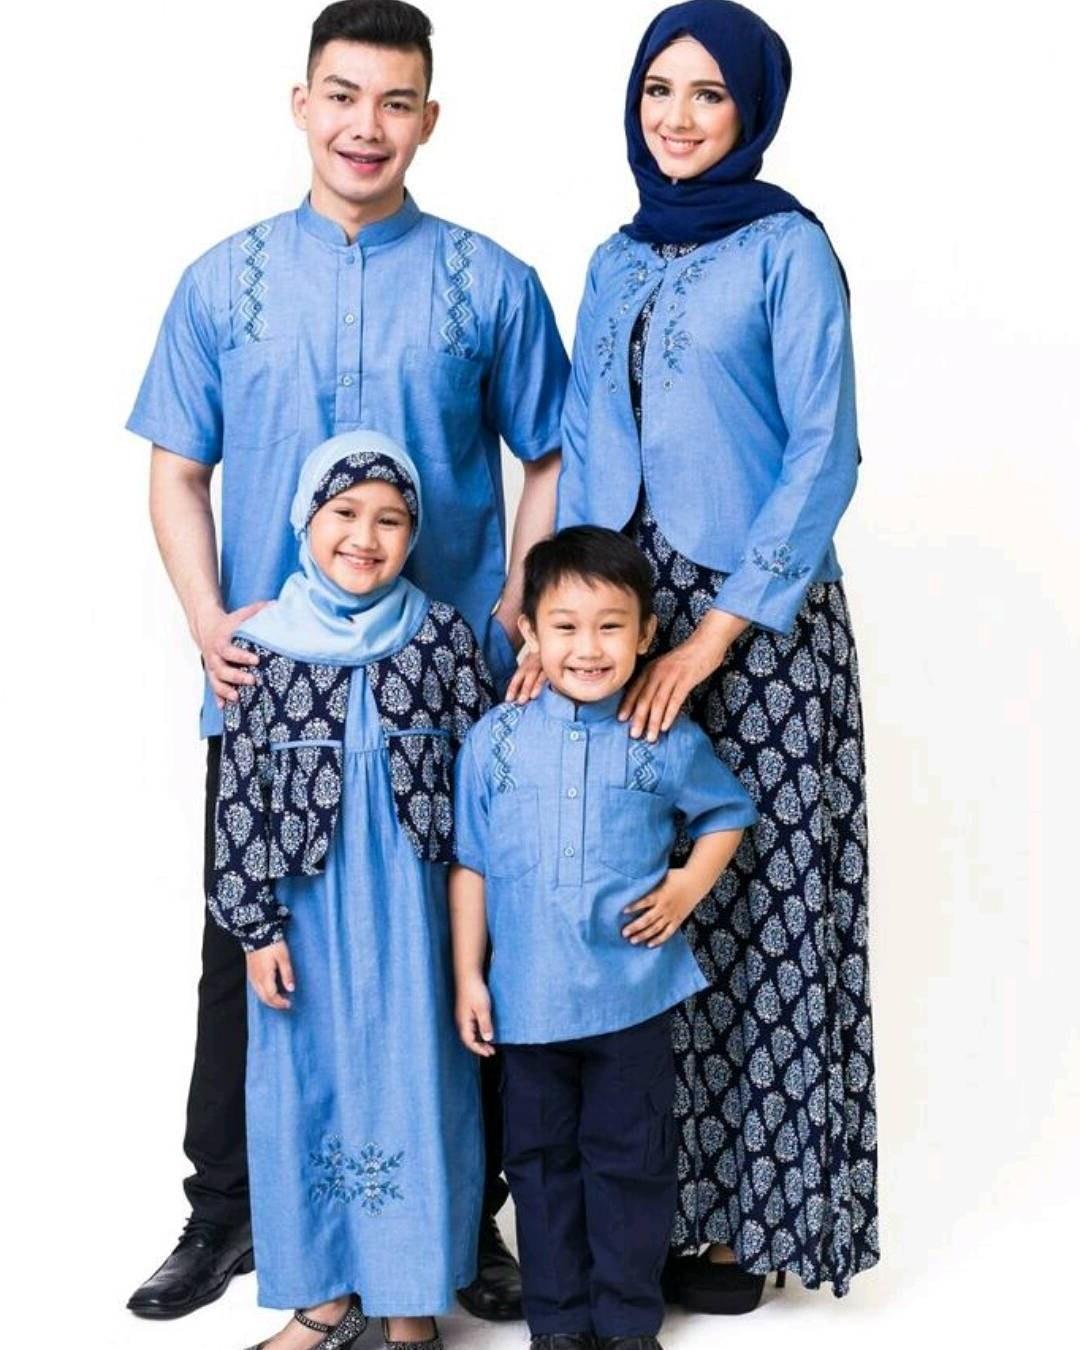 Bentuk Model Baju Lebaran Keluarga Artis Zwd9 Model Baju Keluarga Untuk Hari Raya Lebaran 2018